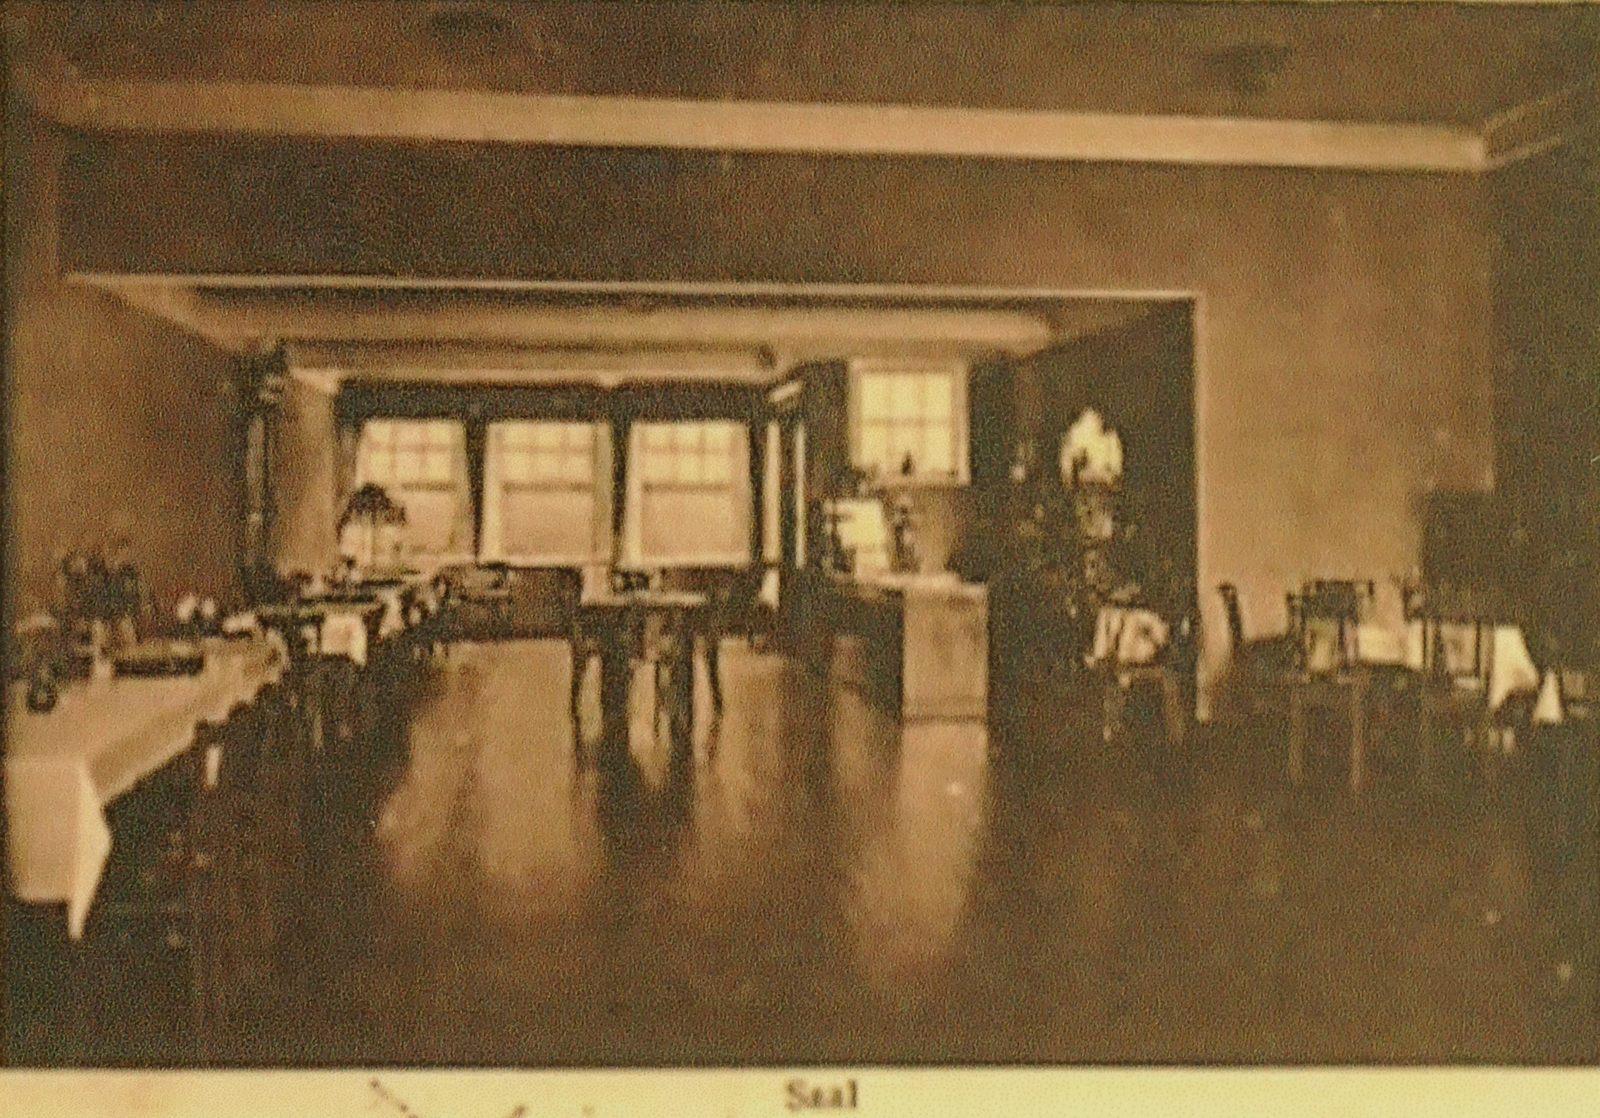 Gasthof von Rüden, Saal, 1928